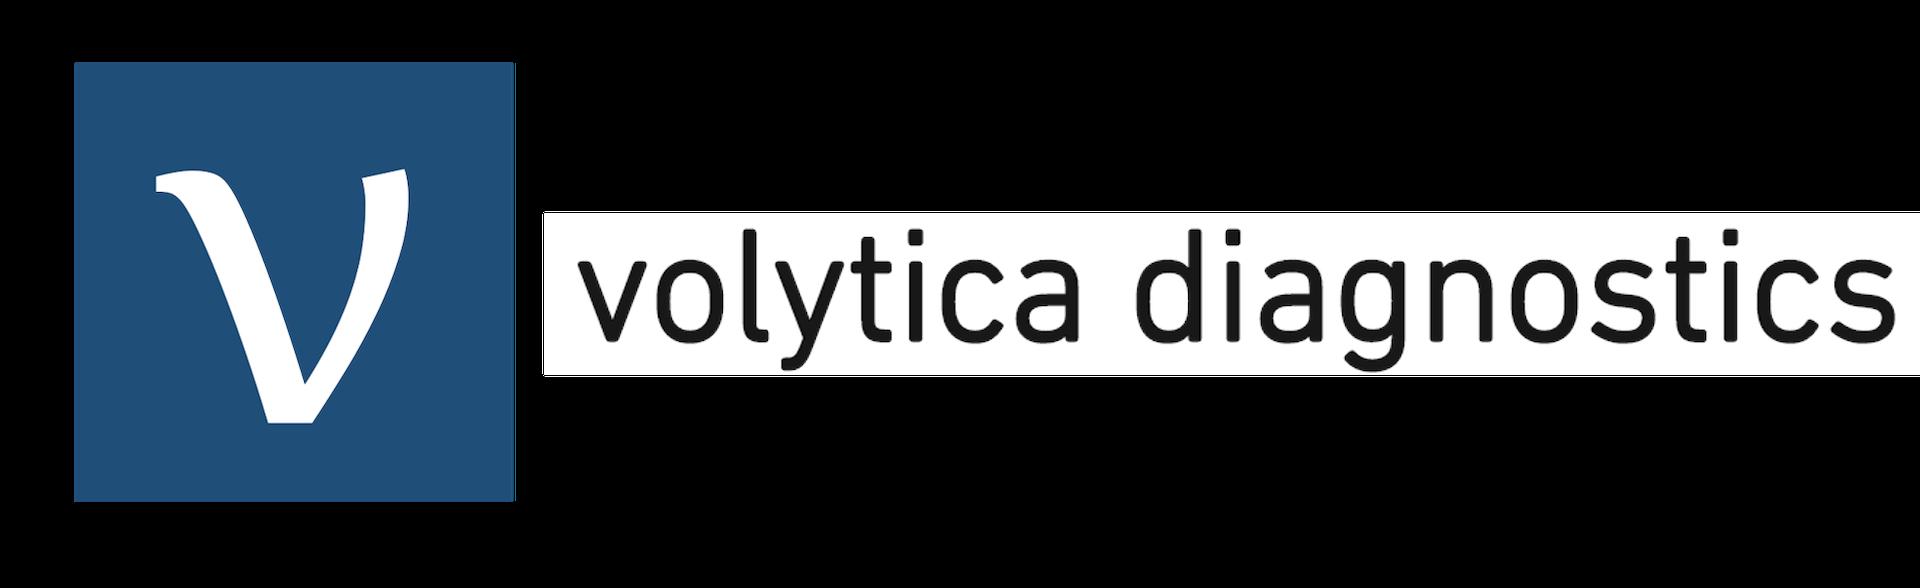 volytica diagnostics